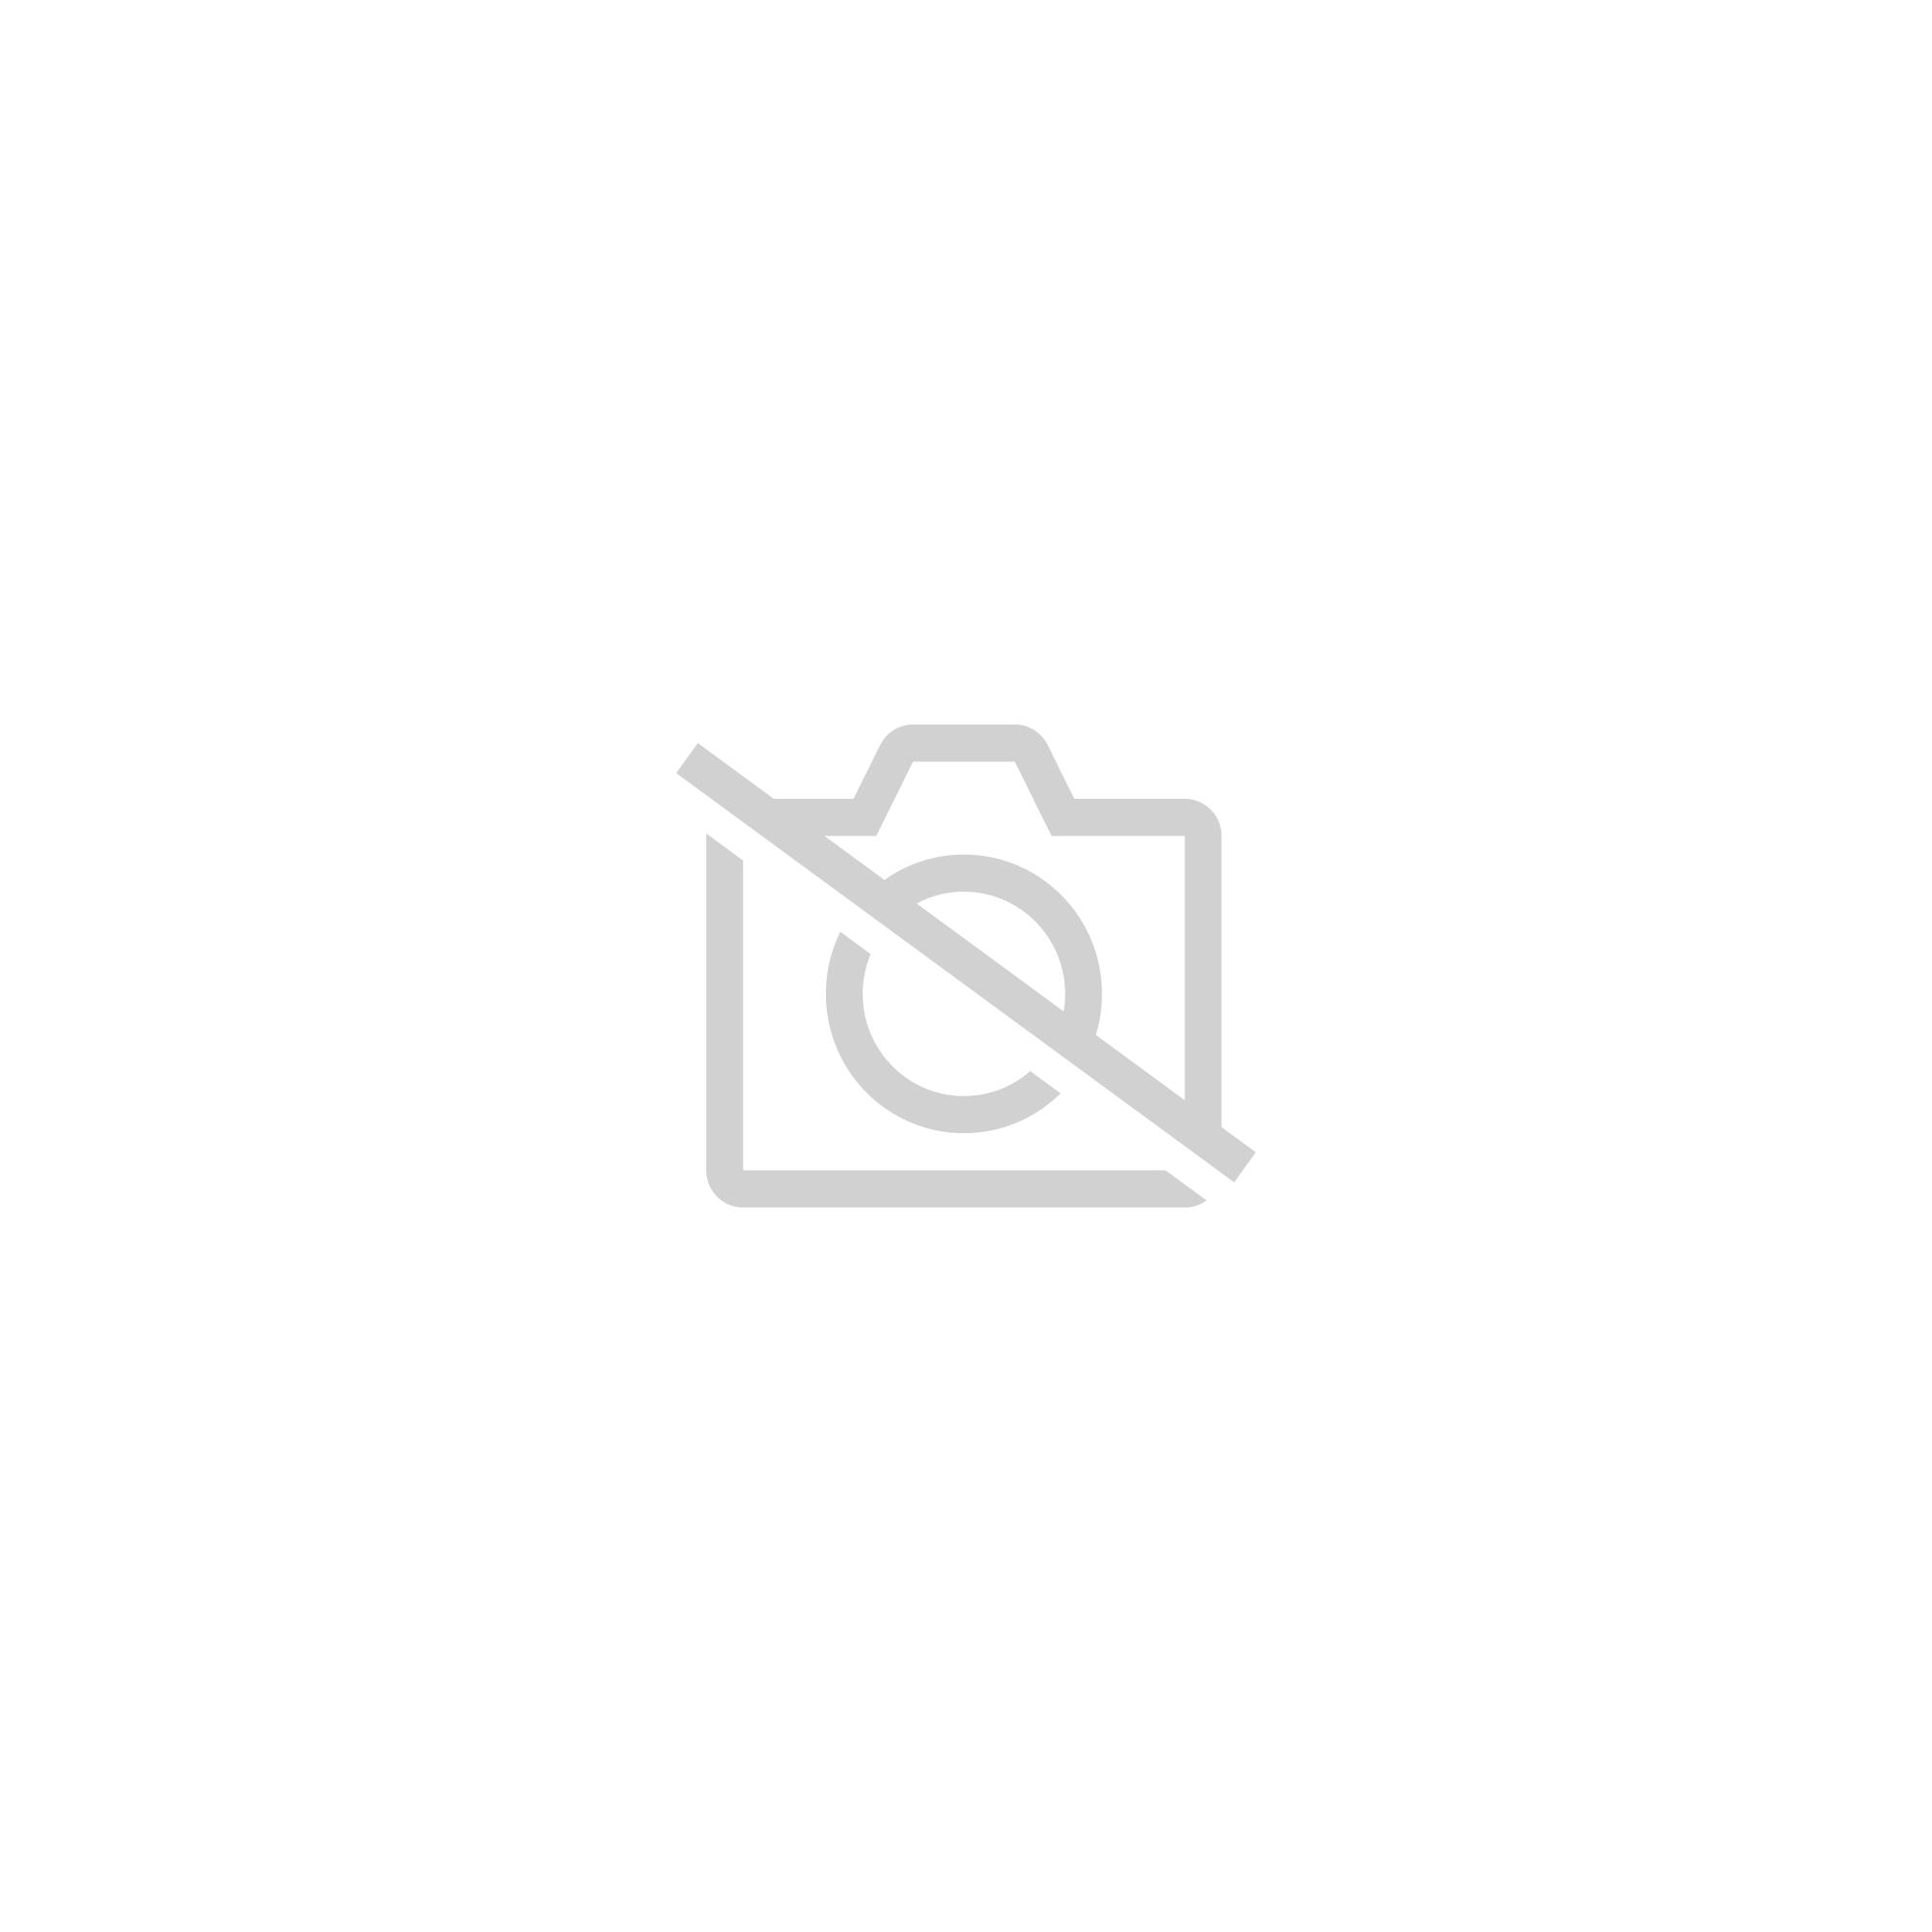 Inov8 Base Elite 125 Femmes Rouge Sport Running Haut Manche Longue Top Chemise